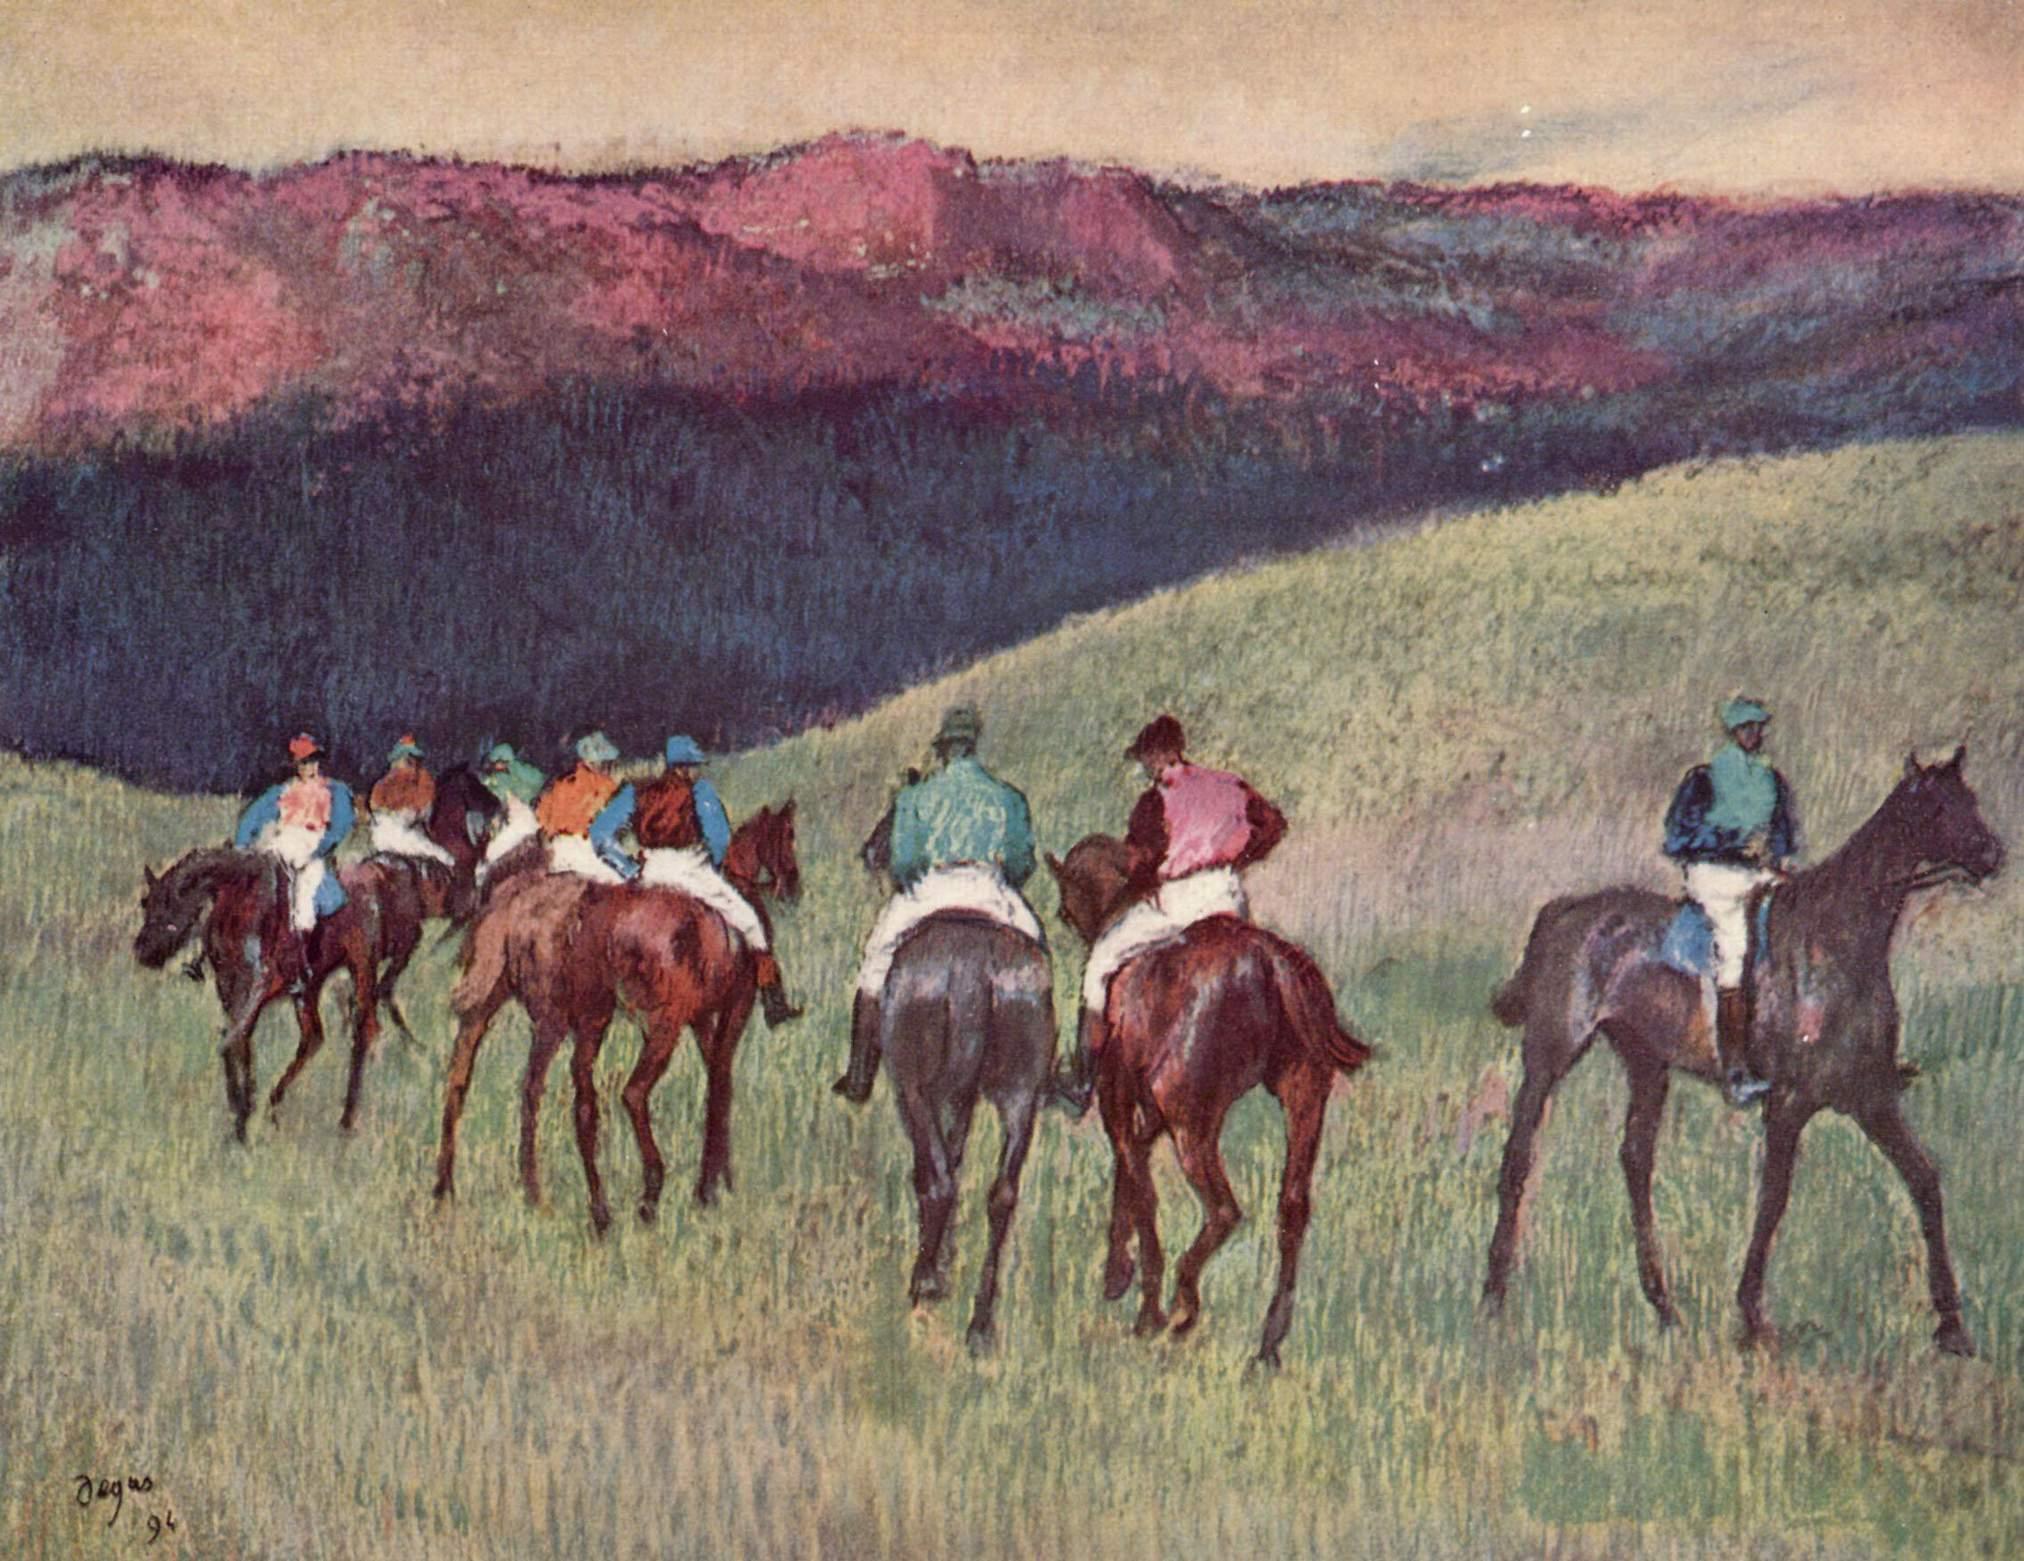 Проездка скаковых лошадей, Эдгар-Жермен - Илер Дега